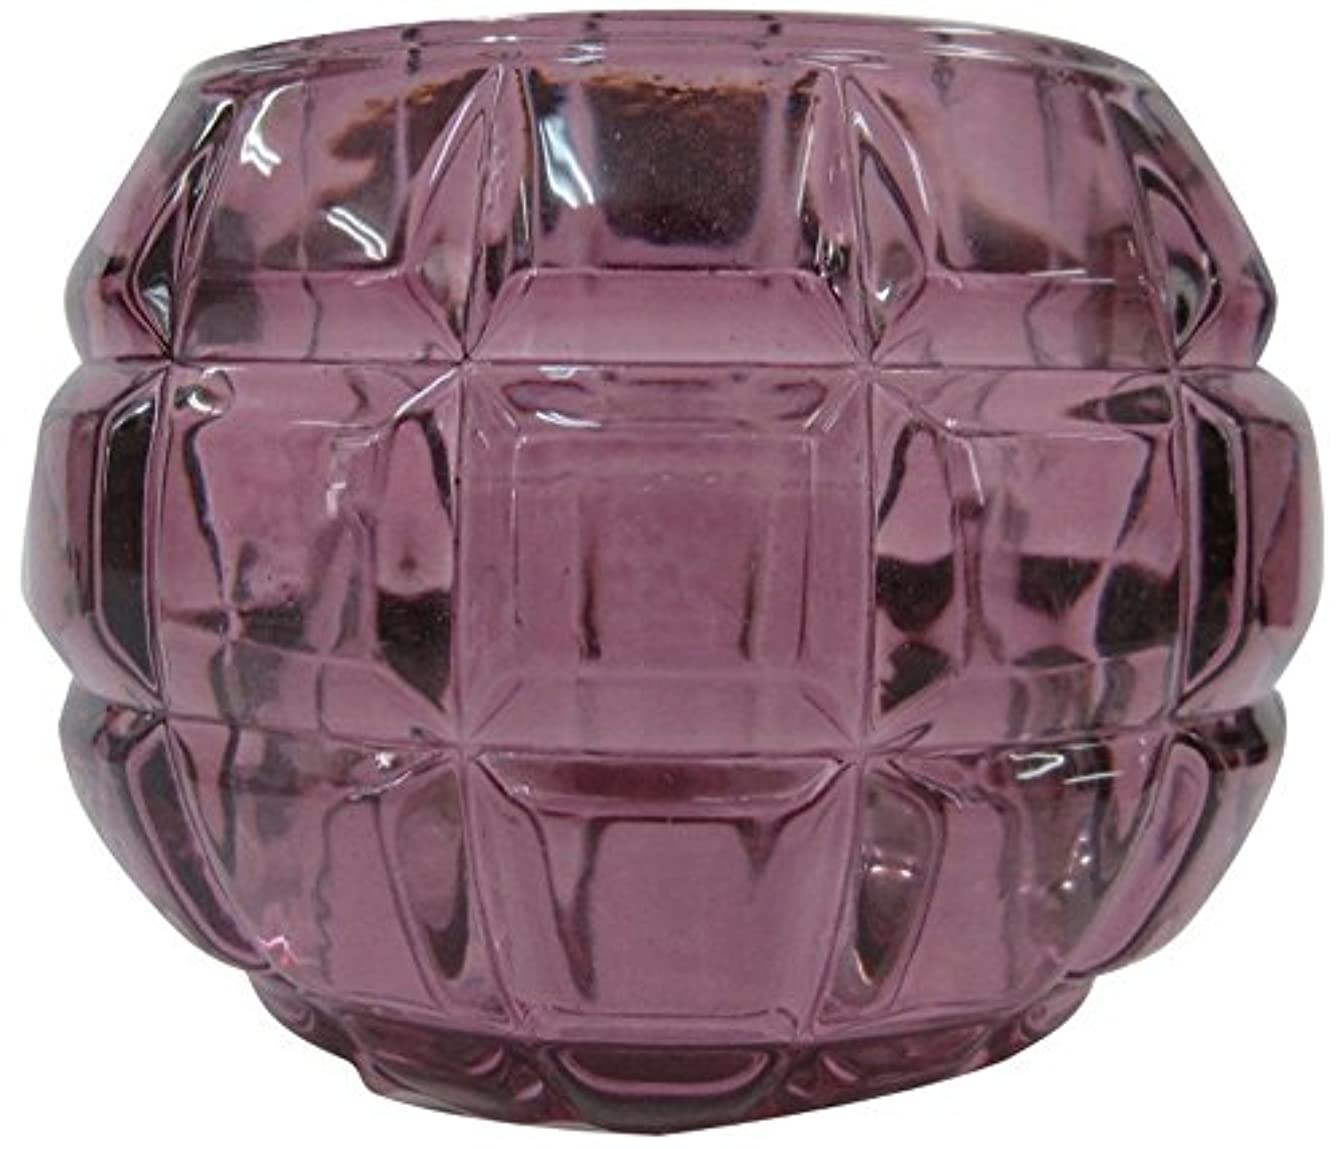 スクラップエーカービタミンノルコーポレーション ガラス キャンドルホルダー ノスタルギッシュ オールドレッド OH-NOH-1-1